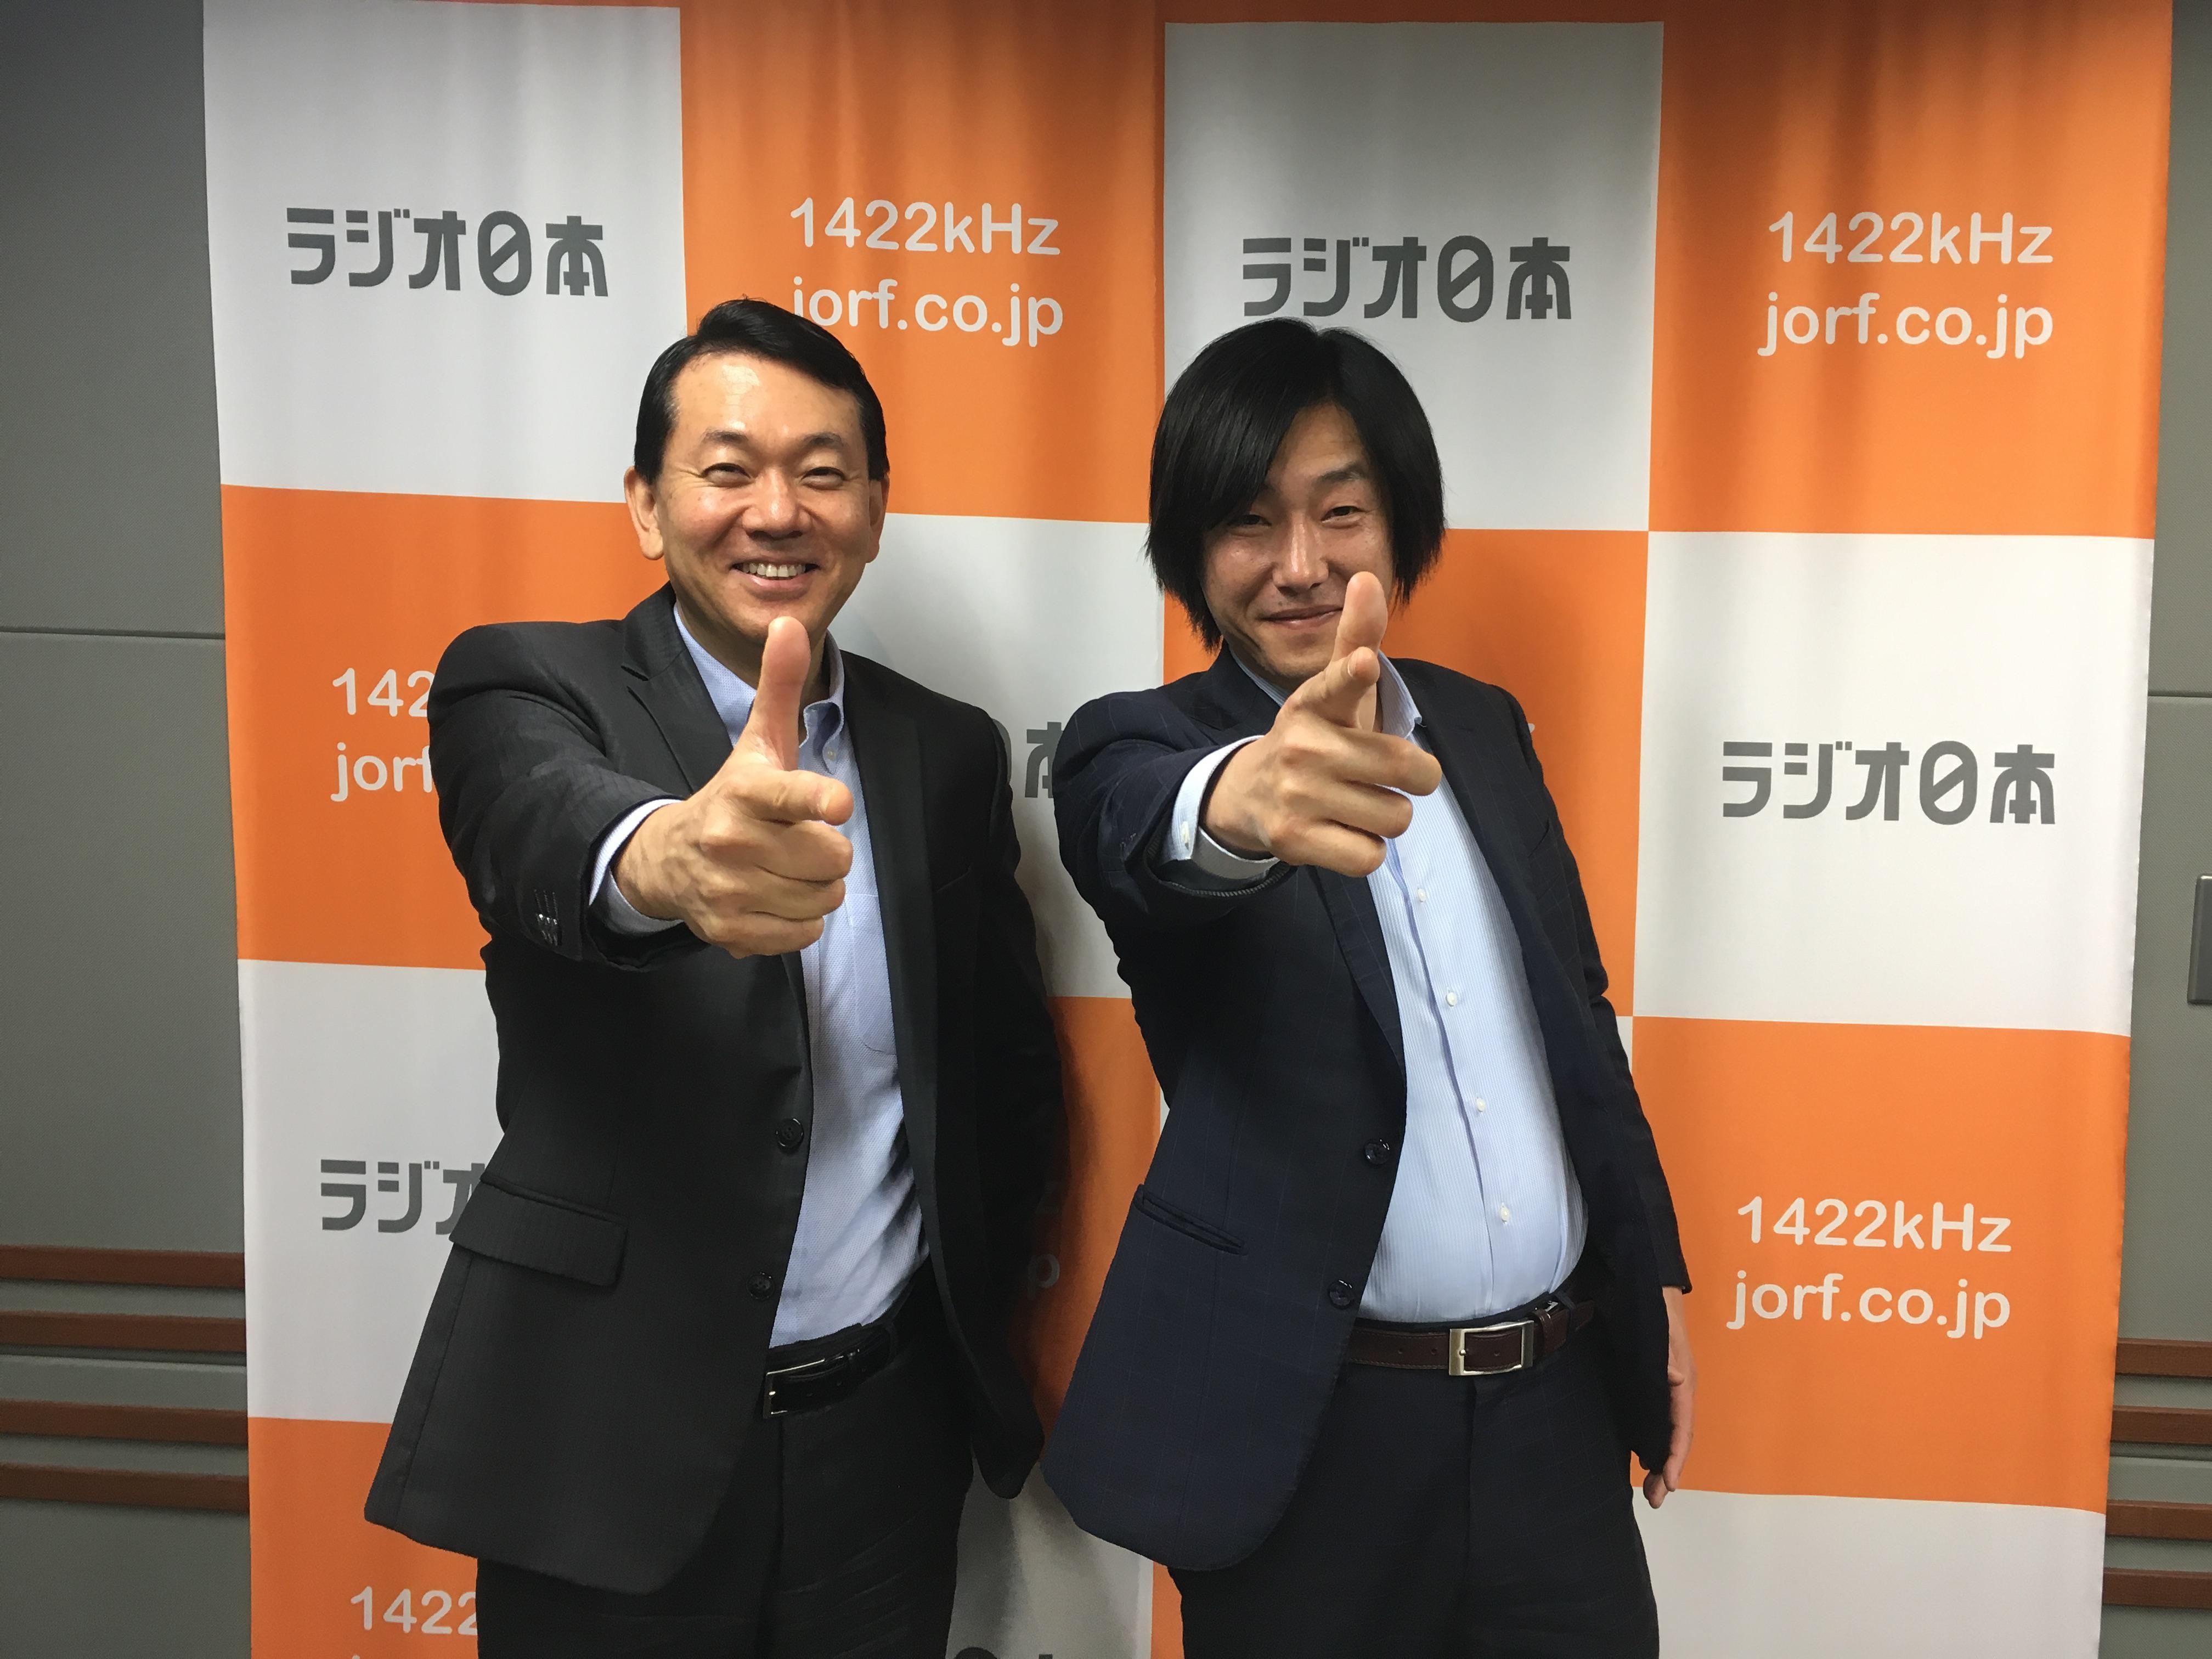 日本ラジオ「MarumaruLounge 夜の賢人たち」